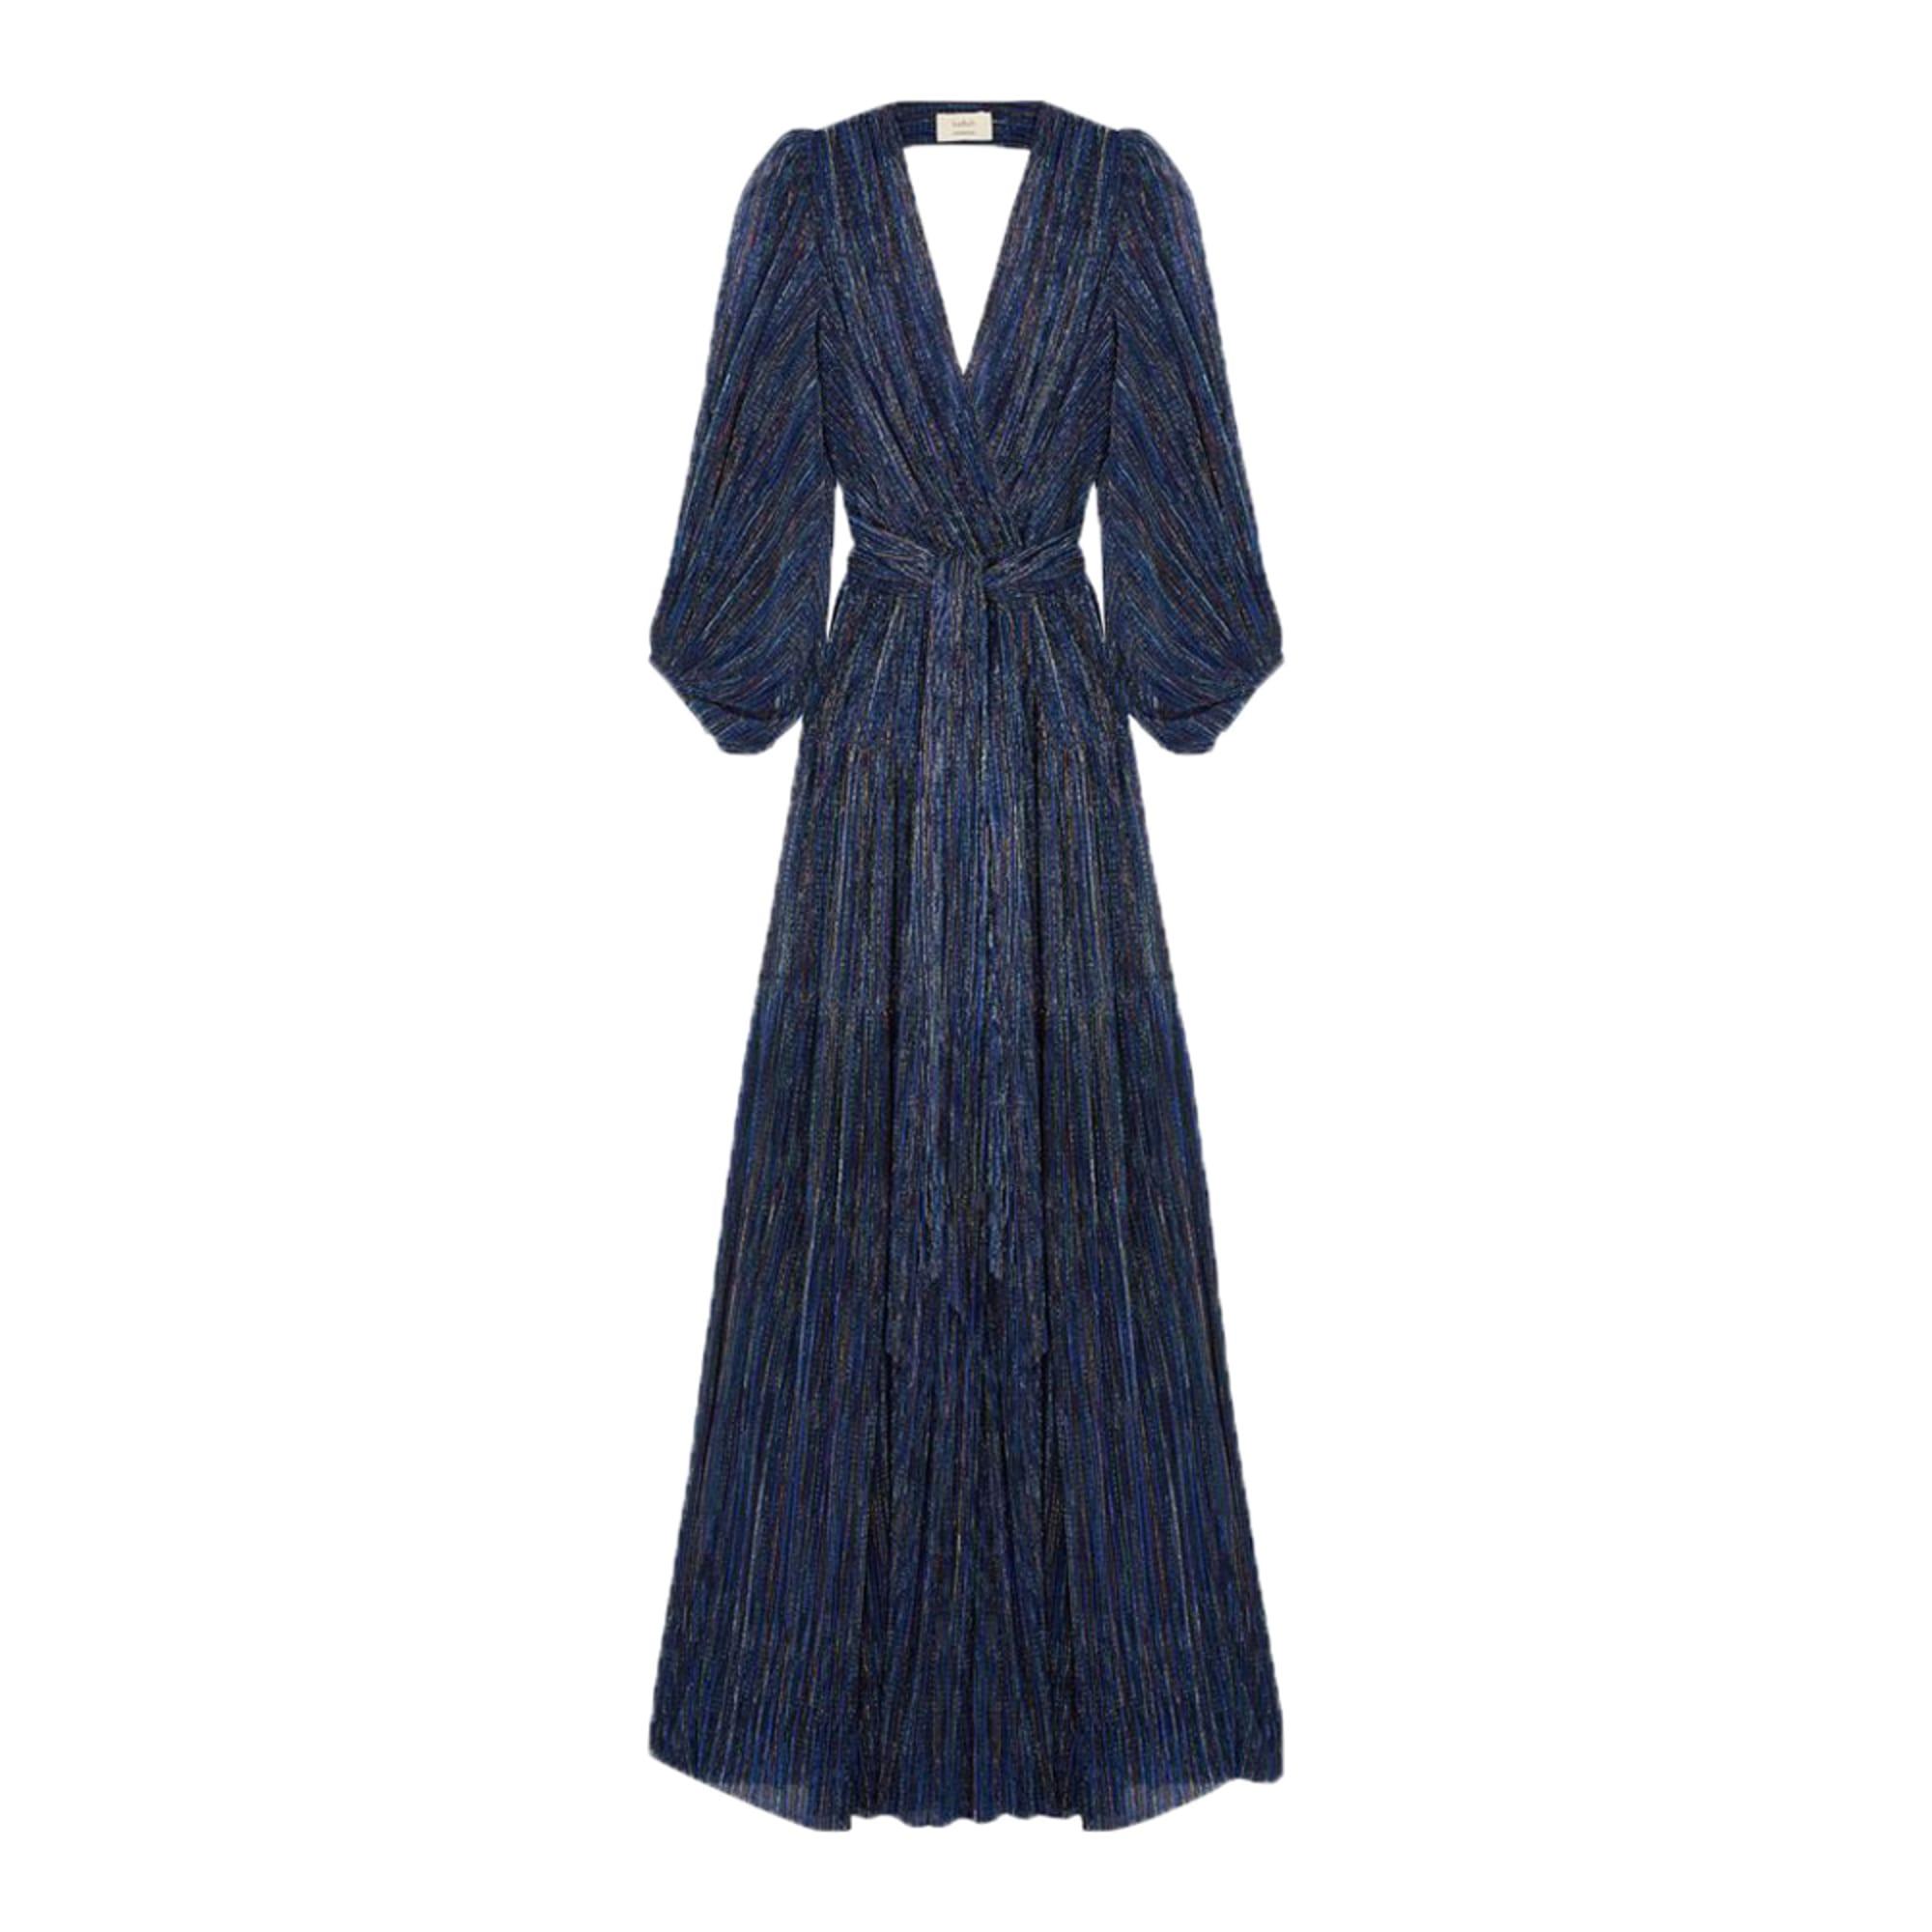 Robe Longue Ba Sh 36 S T1 Bleu 7906598